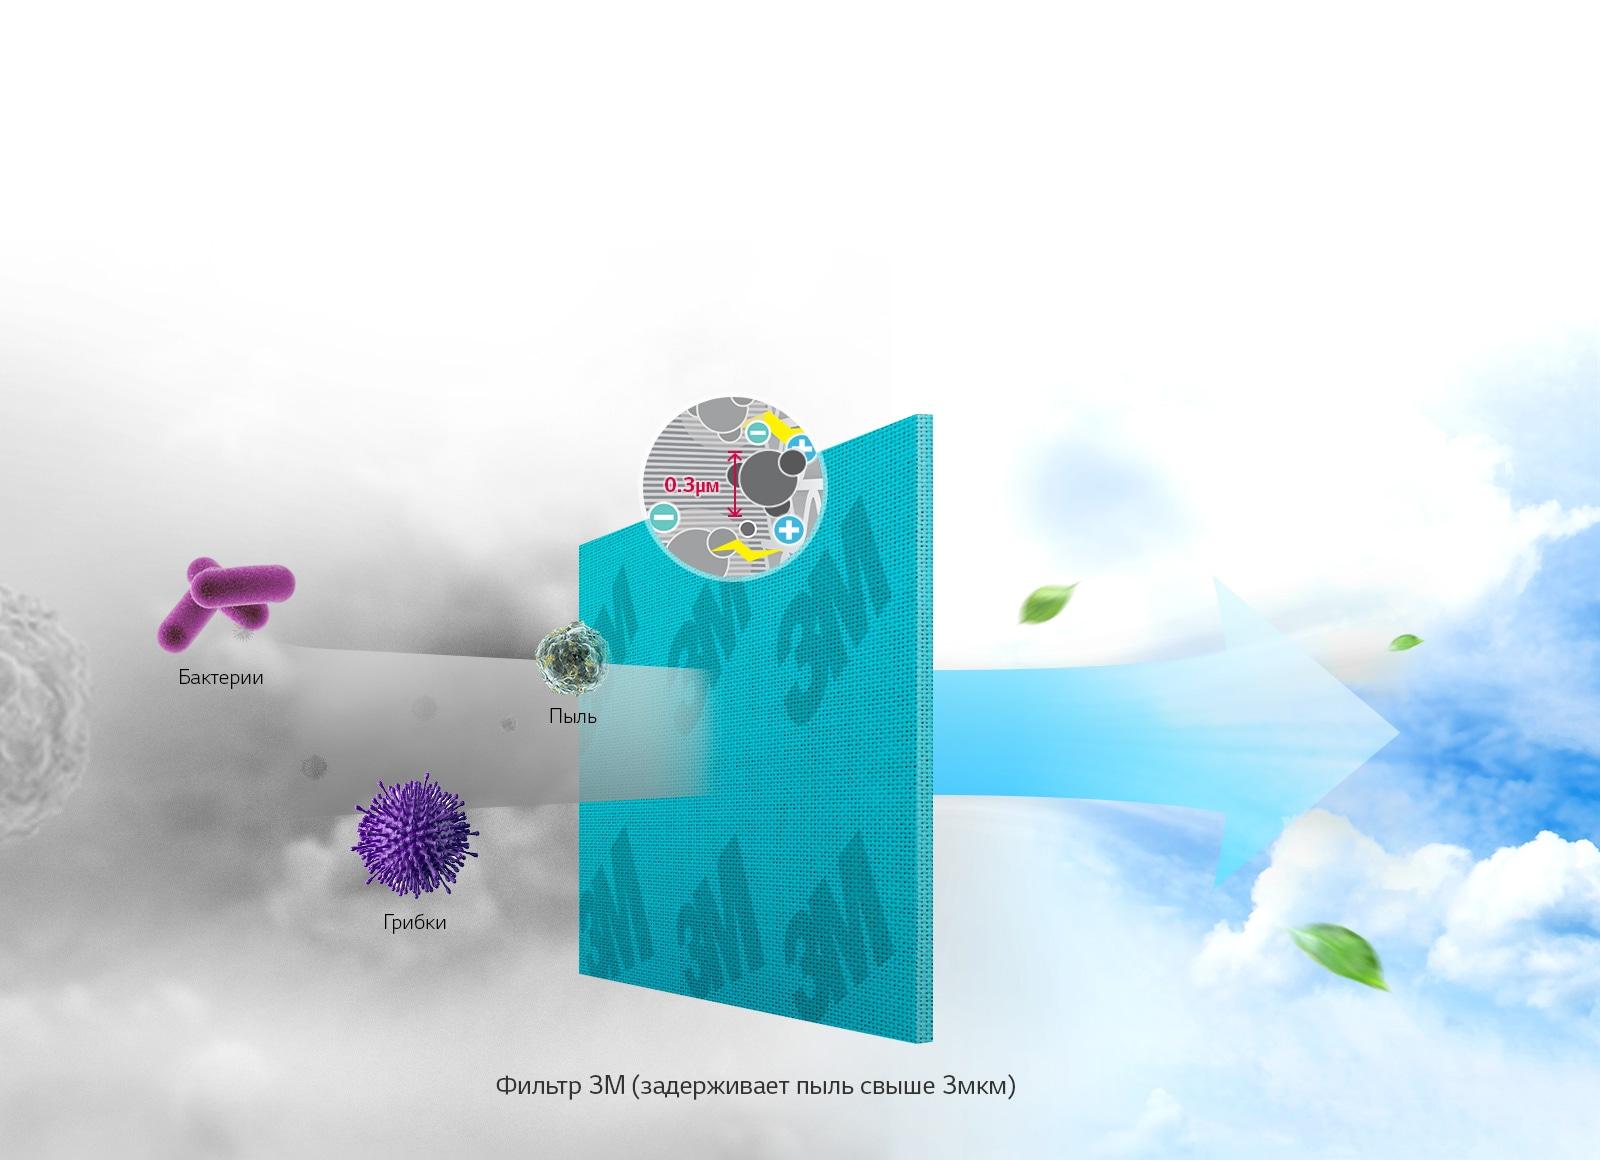 Защитный MICRO фильтр от 3M Tech